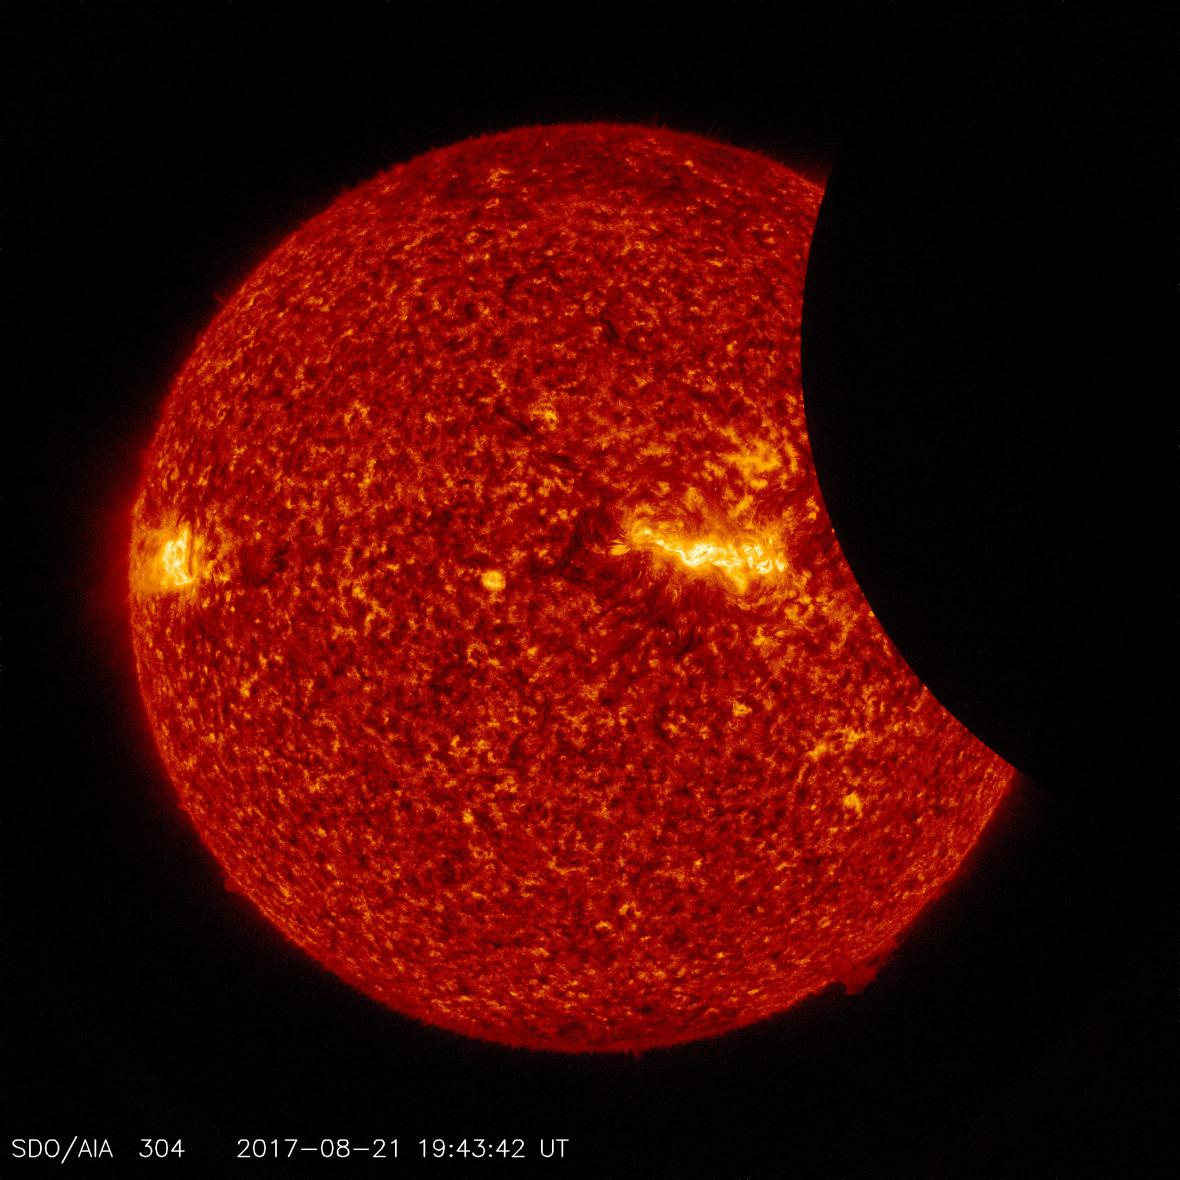 Zatmění Slunce ze Solární observatoře NASA